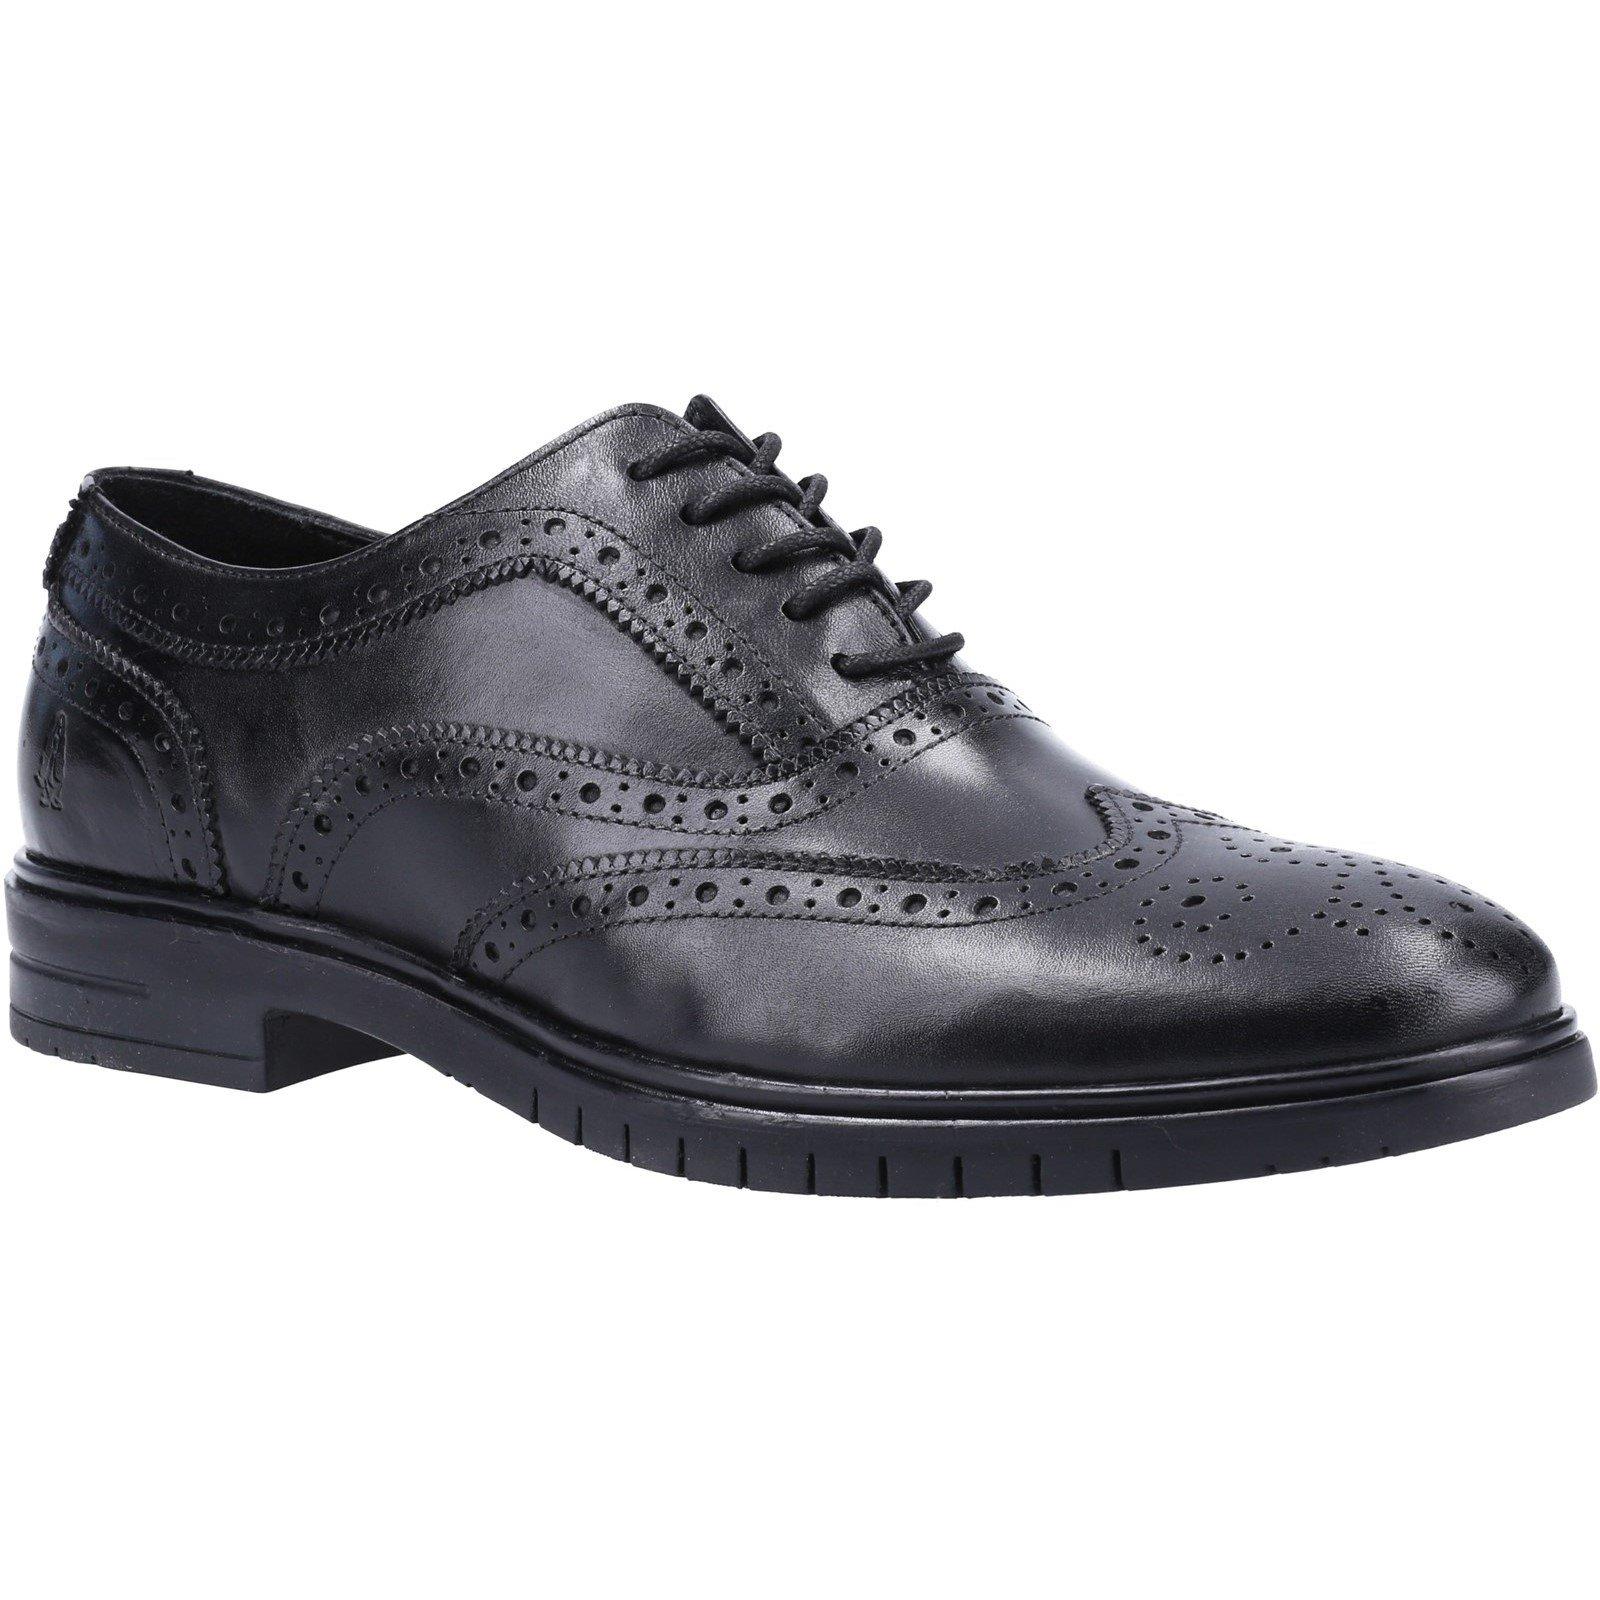 Hush Puppies Men's Santiago Lace Brogue Shoe Black 31989 - Black 11